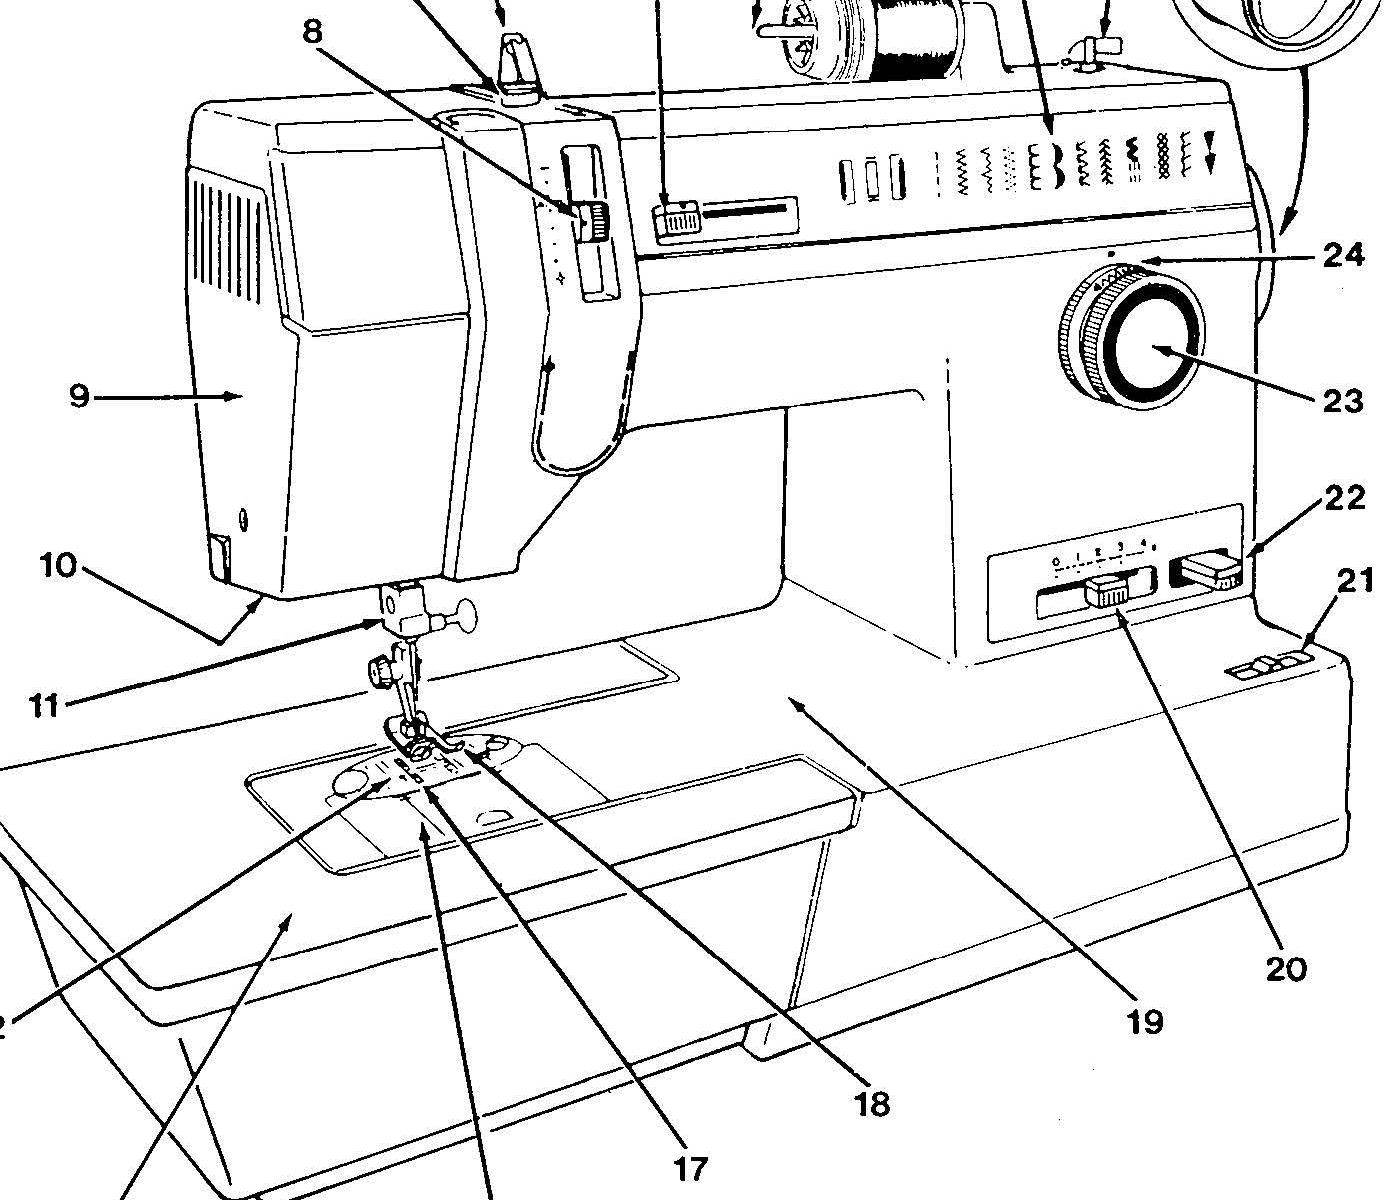 White Rotary Sewing Machine Diagram